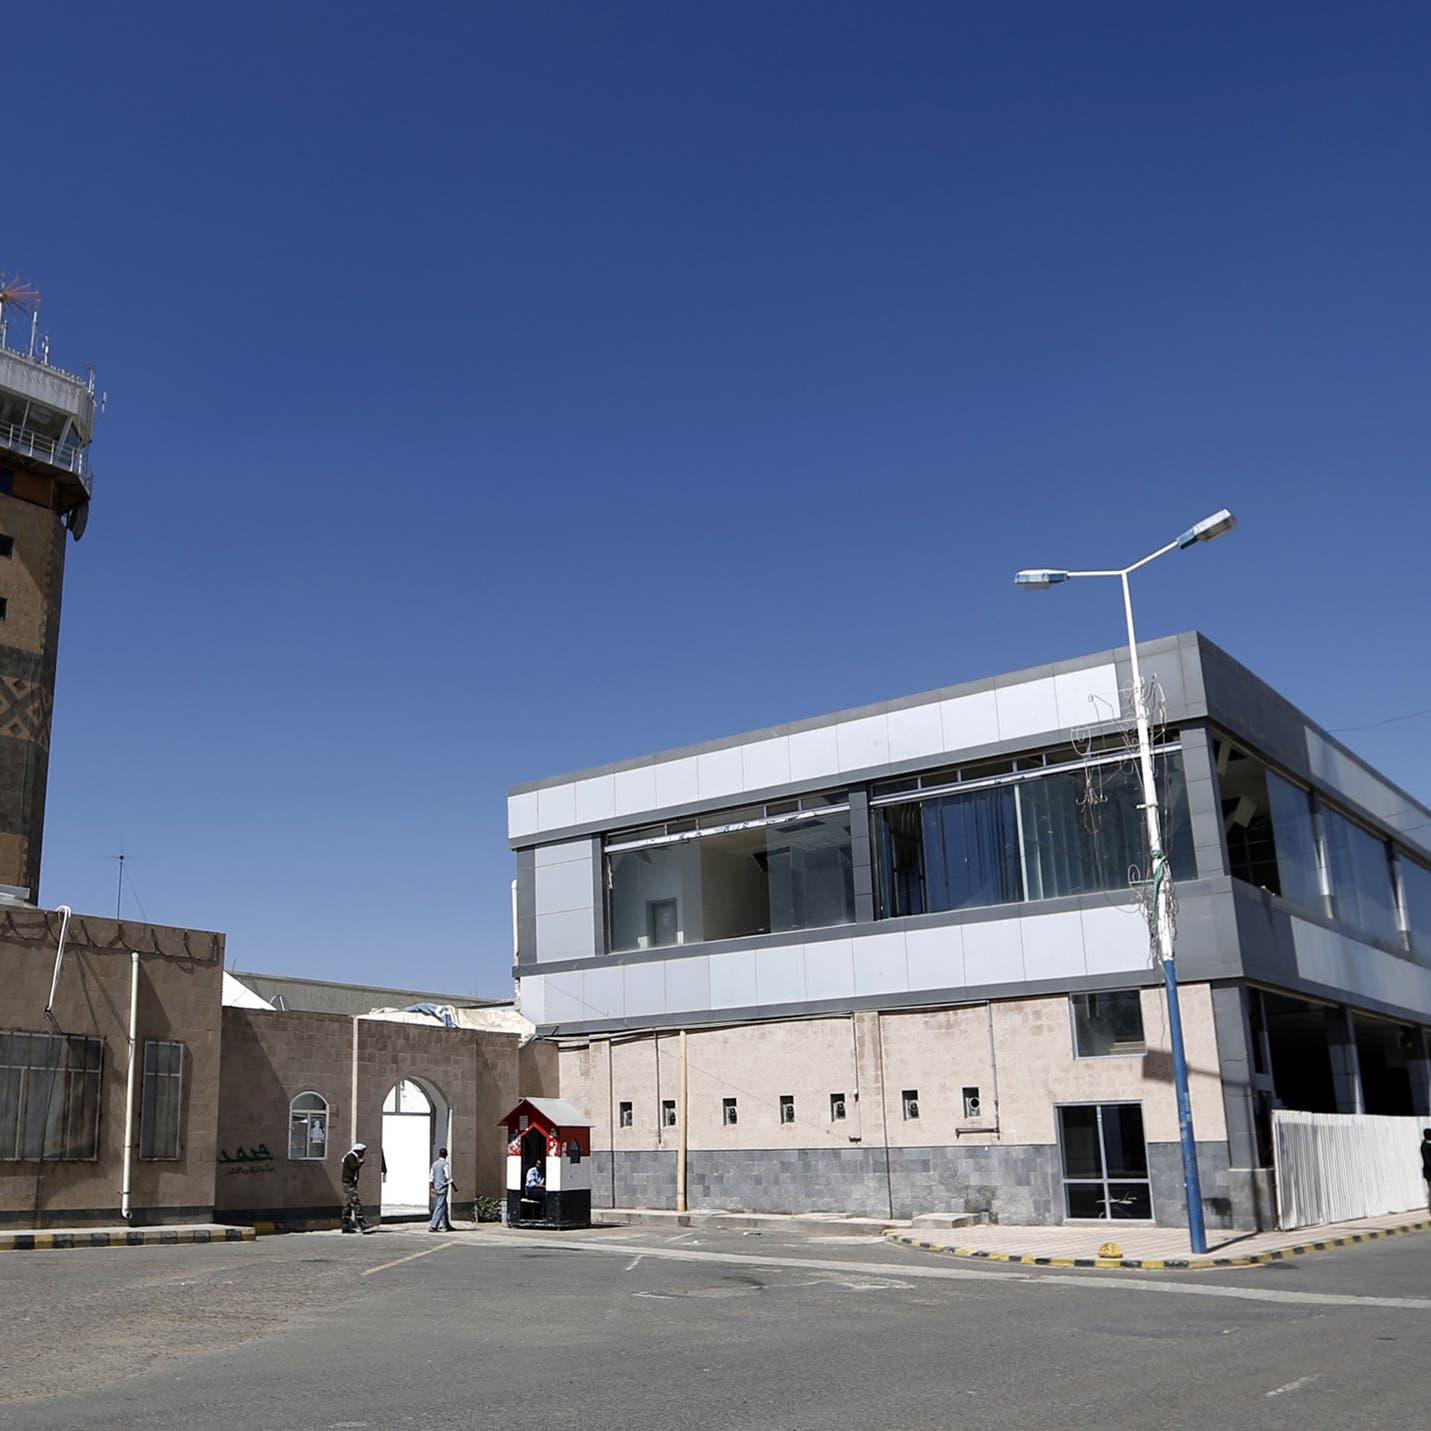 الحوثيون يتحججون بكورونا لوقف رحلات الأمم المتحدة لصنعاء